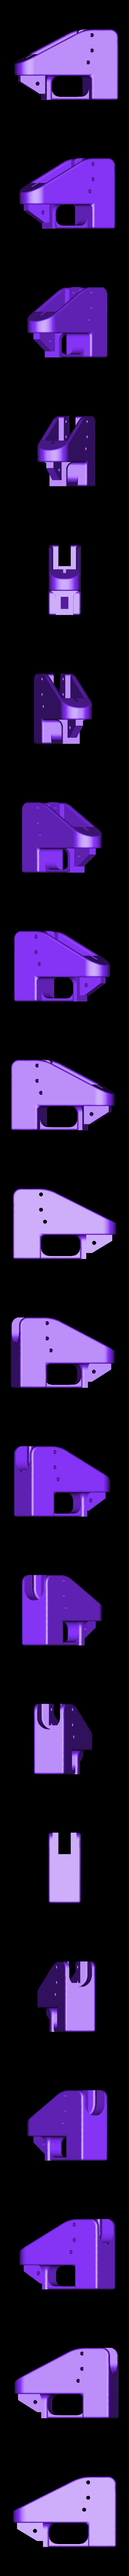 corps.stl Télécharger fichier STL gratuit pistolet fonctionnel gun • Objet pour imprimante 3D, jolafrite342